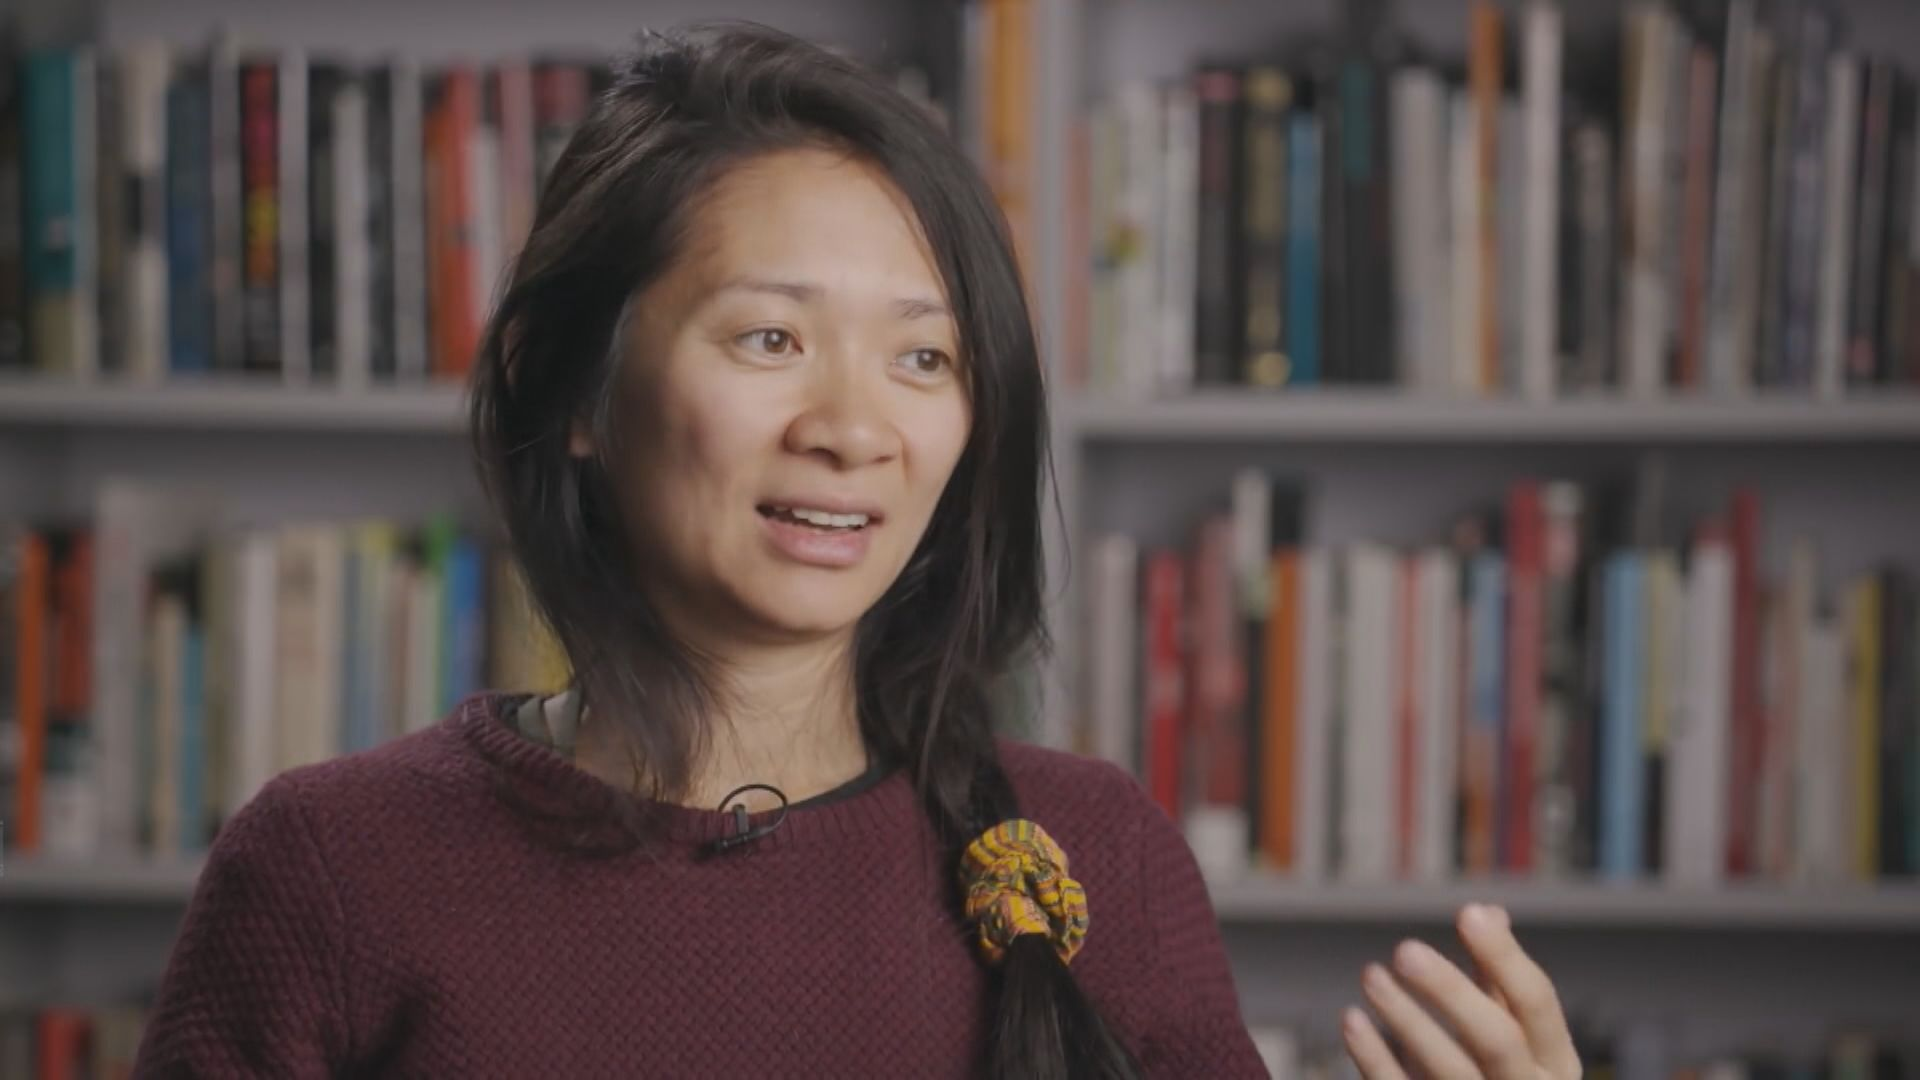 【奧斯卡】趙婷曾赴英美留學 《浪跡天地》為第三部長片